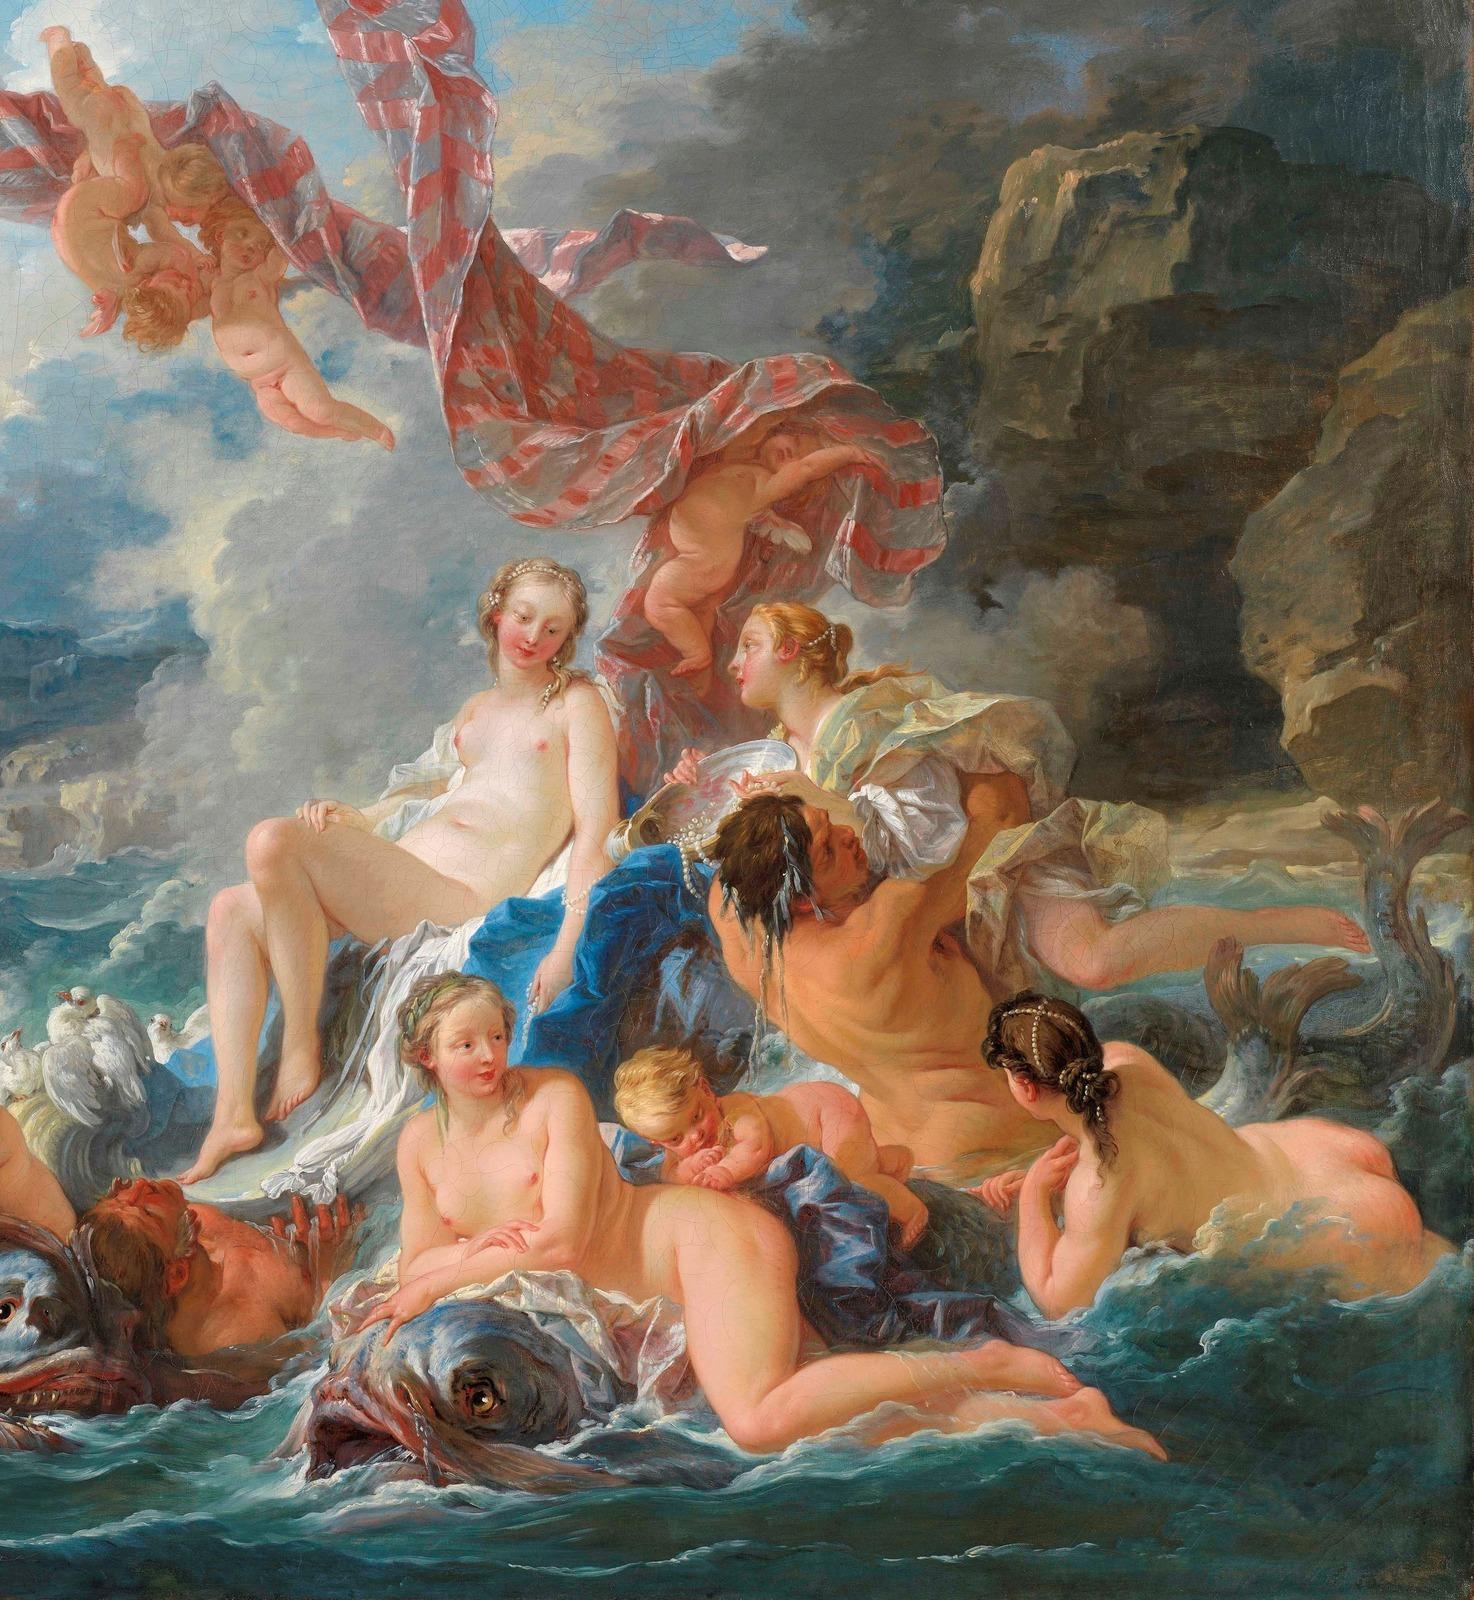 Франсуа Буше. 1740. Триумф Венеры (The Triumph of Venus). 130 х 162. Холст, масло. Стокгольм, Национальный музей. Деталь.